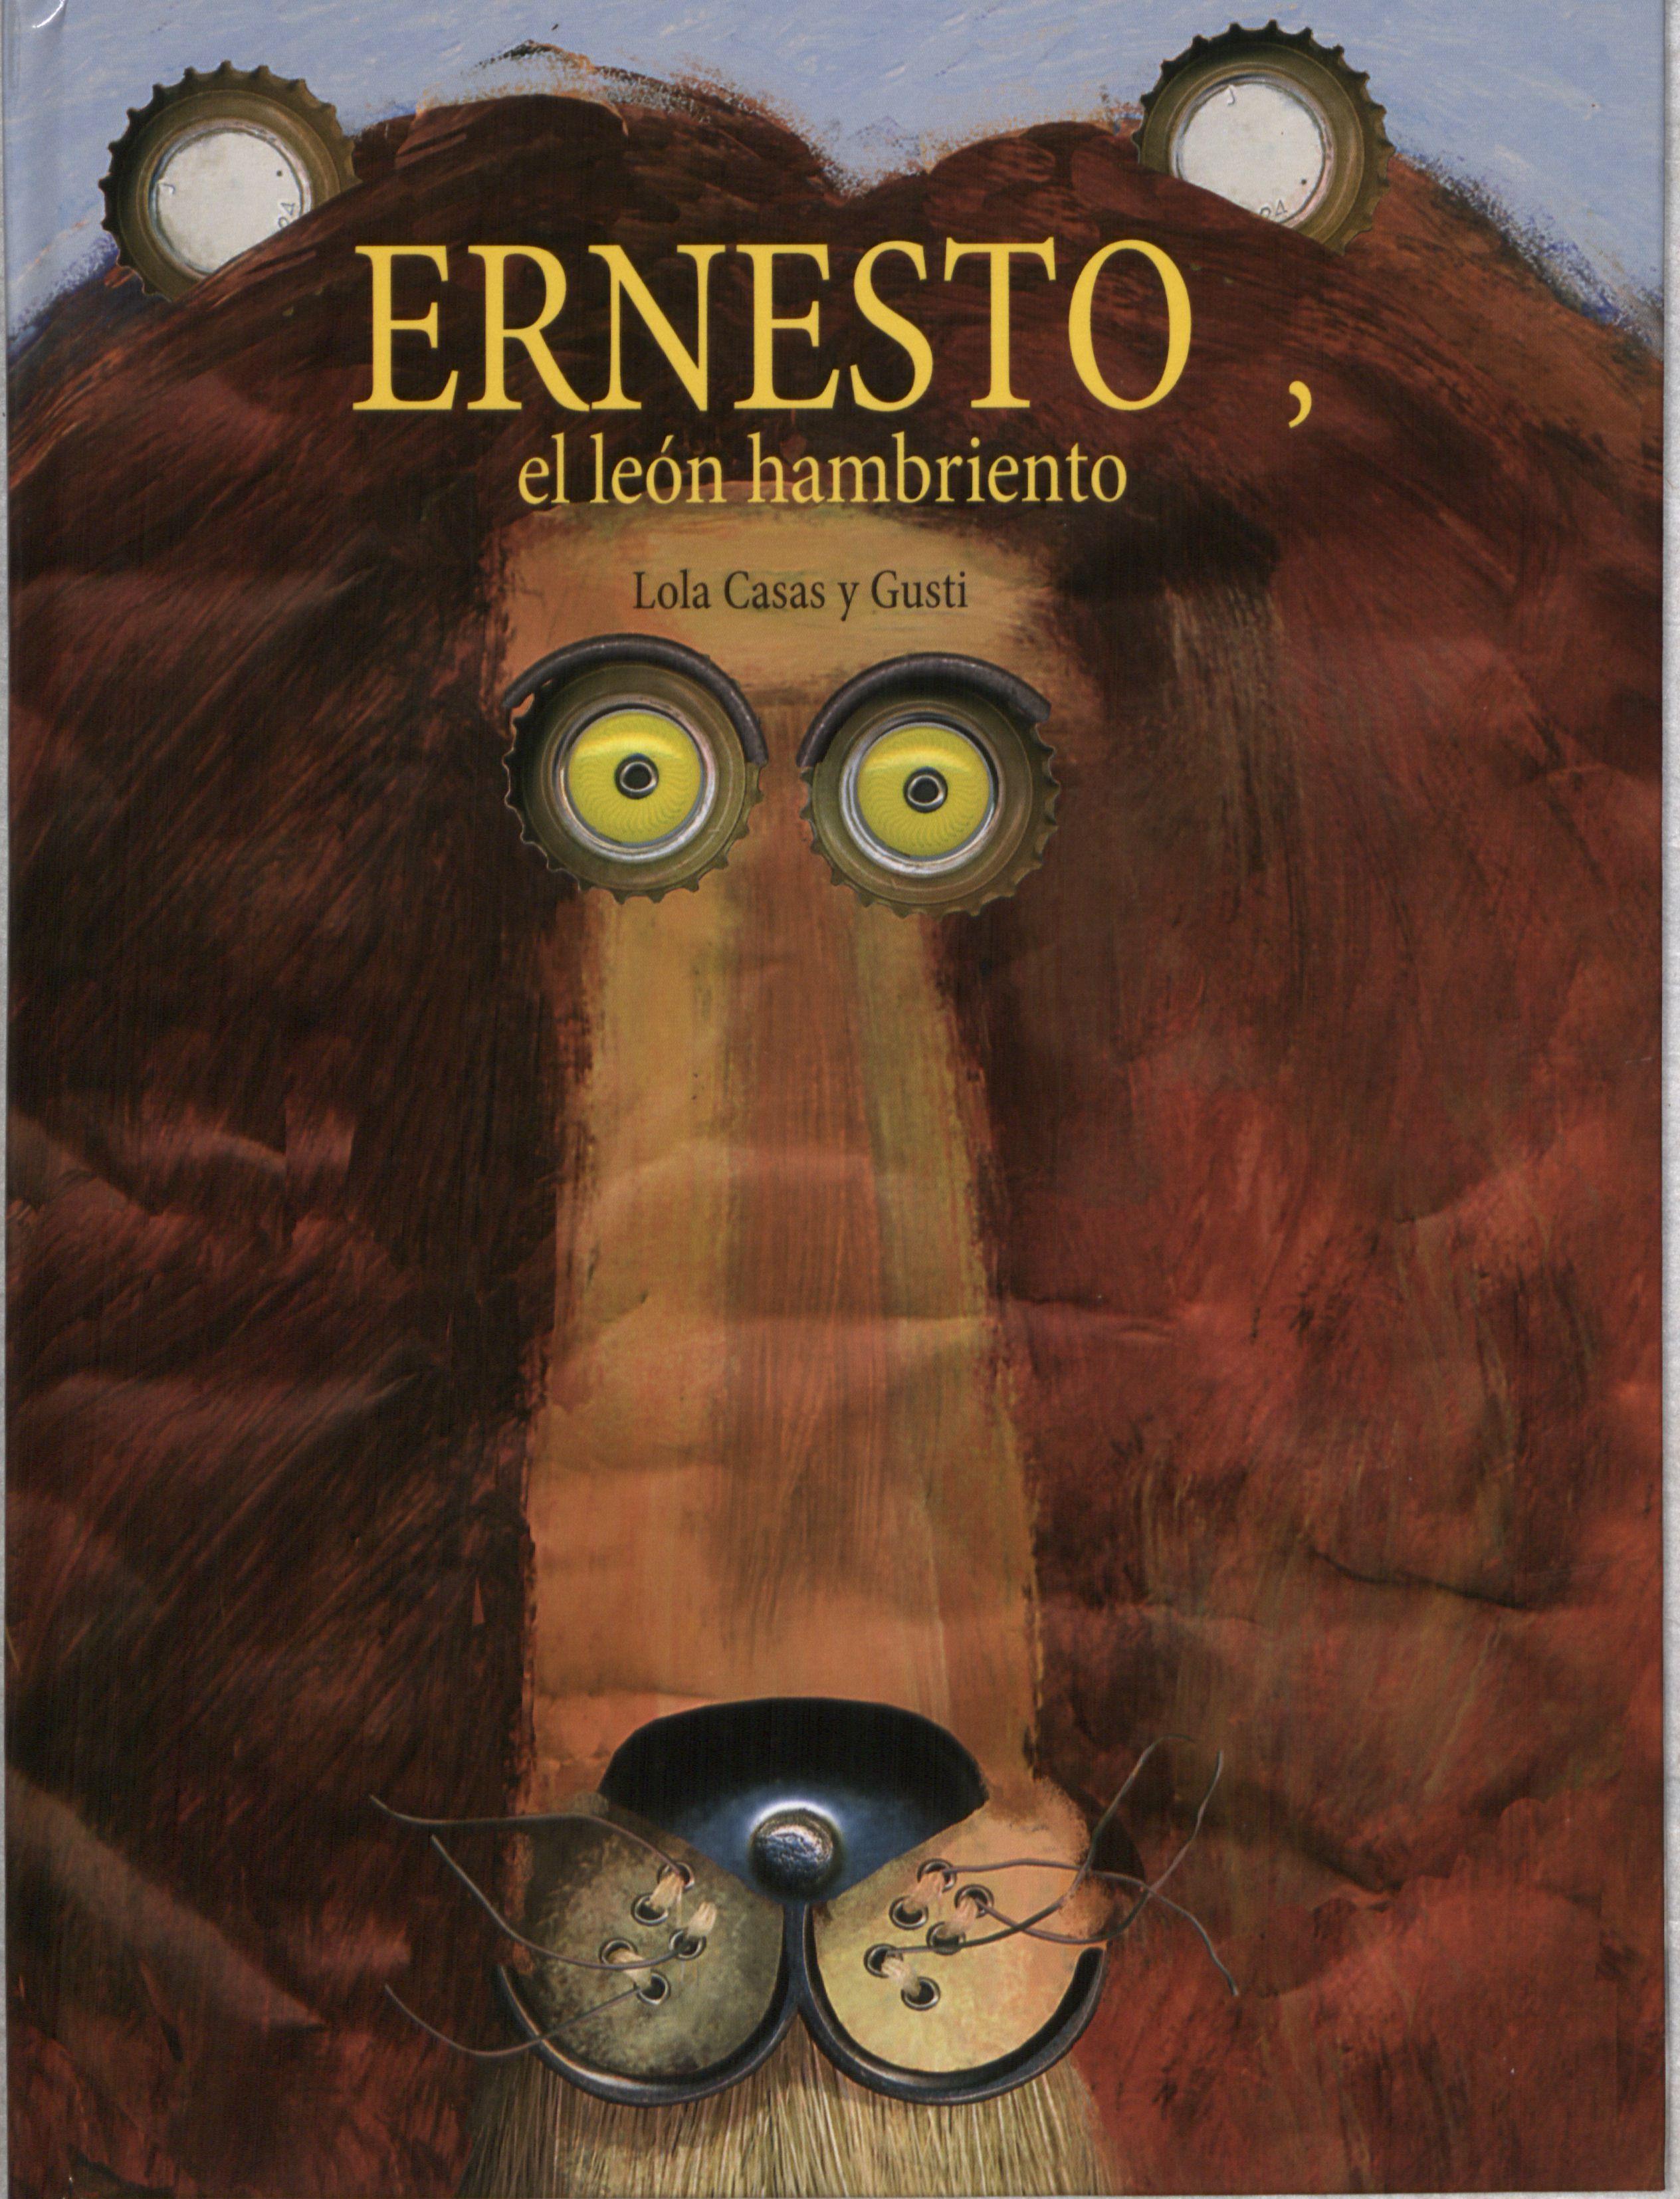 """Lola Casas / Gusti. """"Ernesto, un león hambriento"""